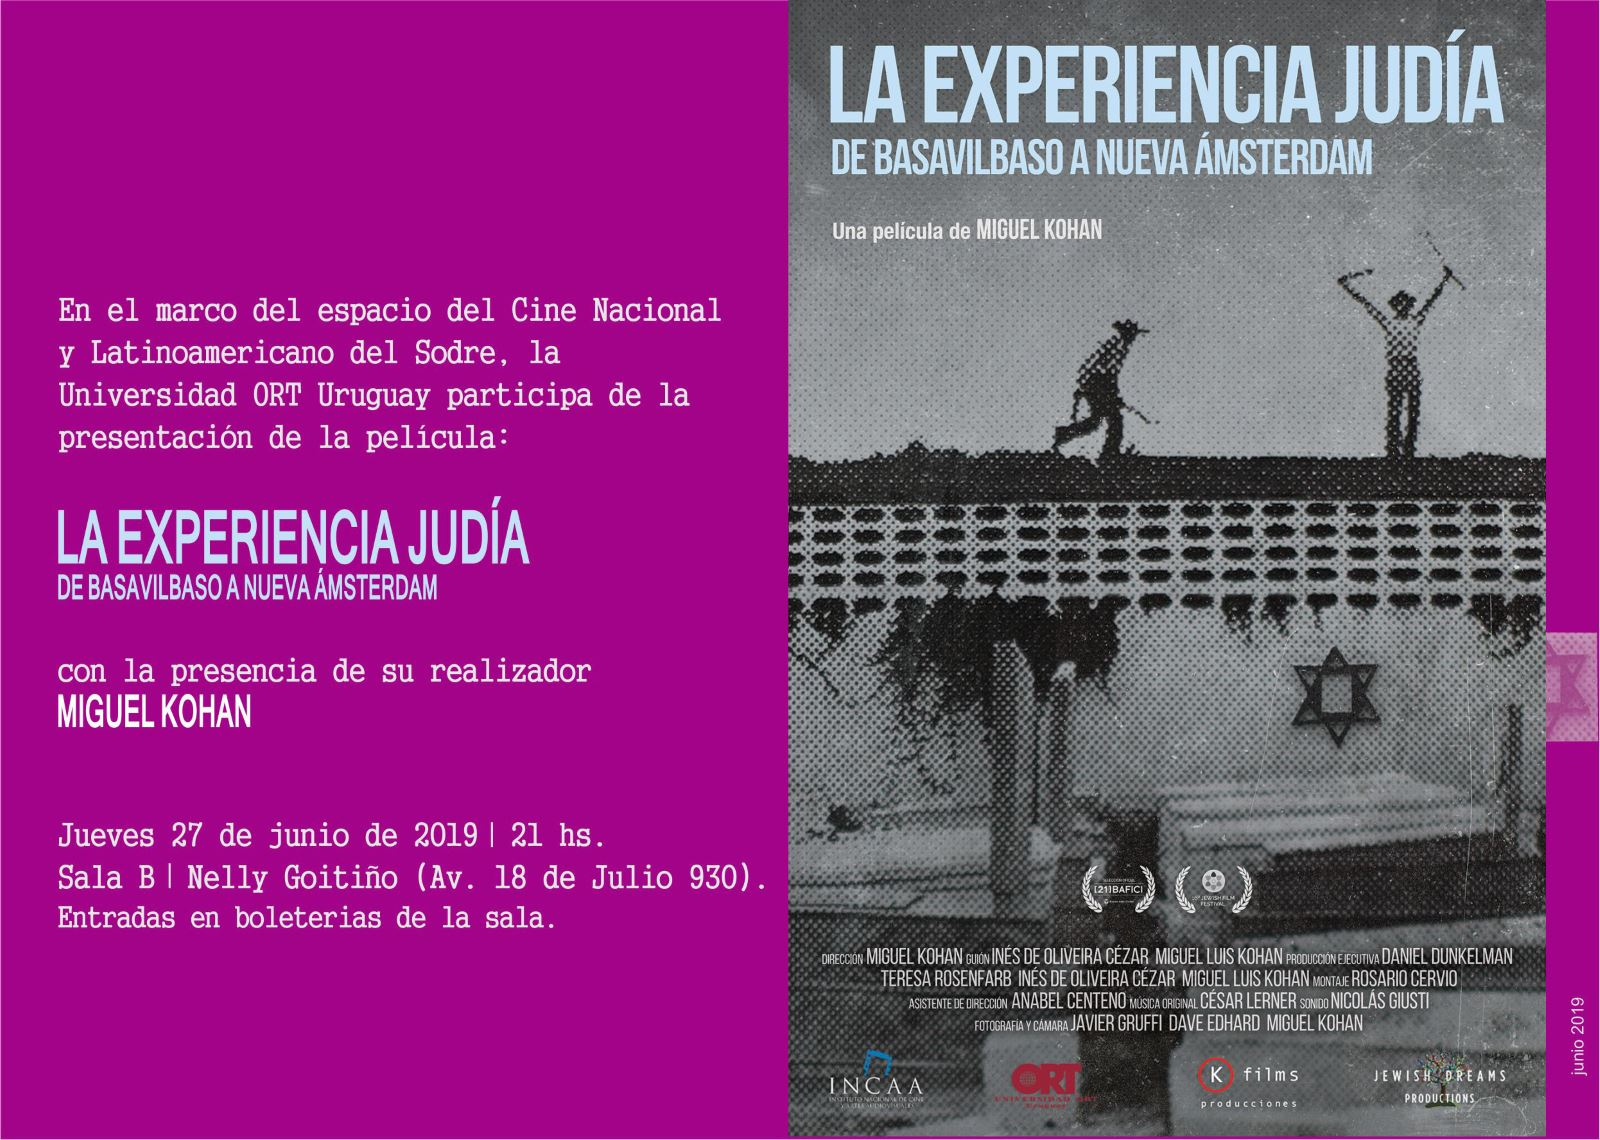 La experiencia judía: De Basavilbaso a Nueva Ámsterdam